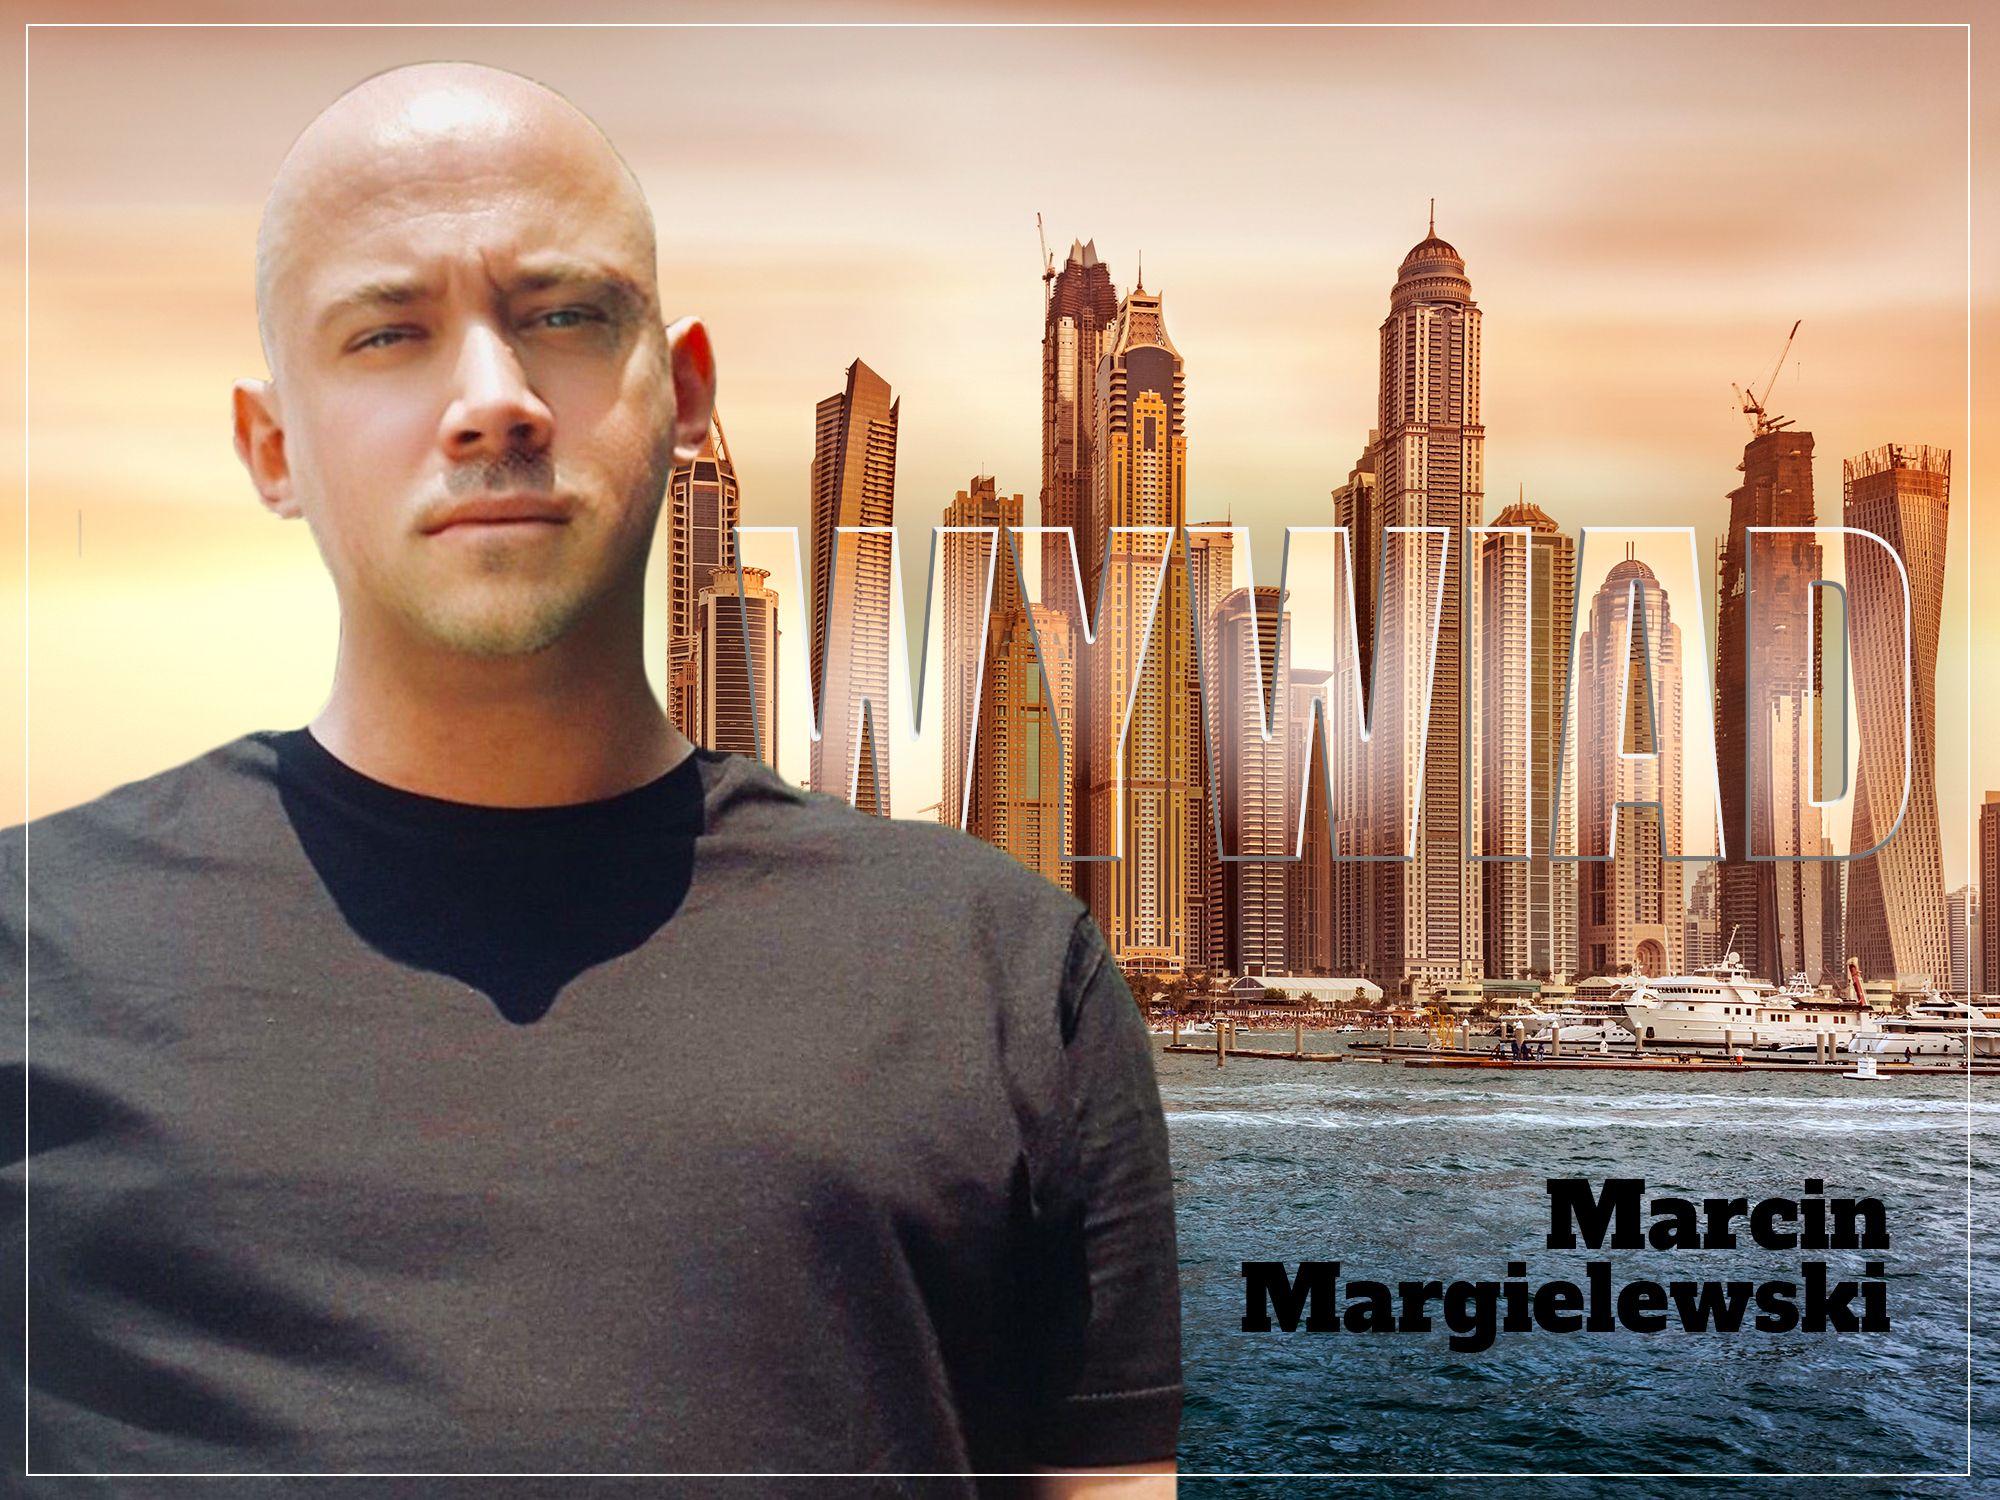 Rozmowa z Marcinem Margielewskim